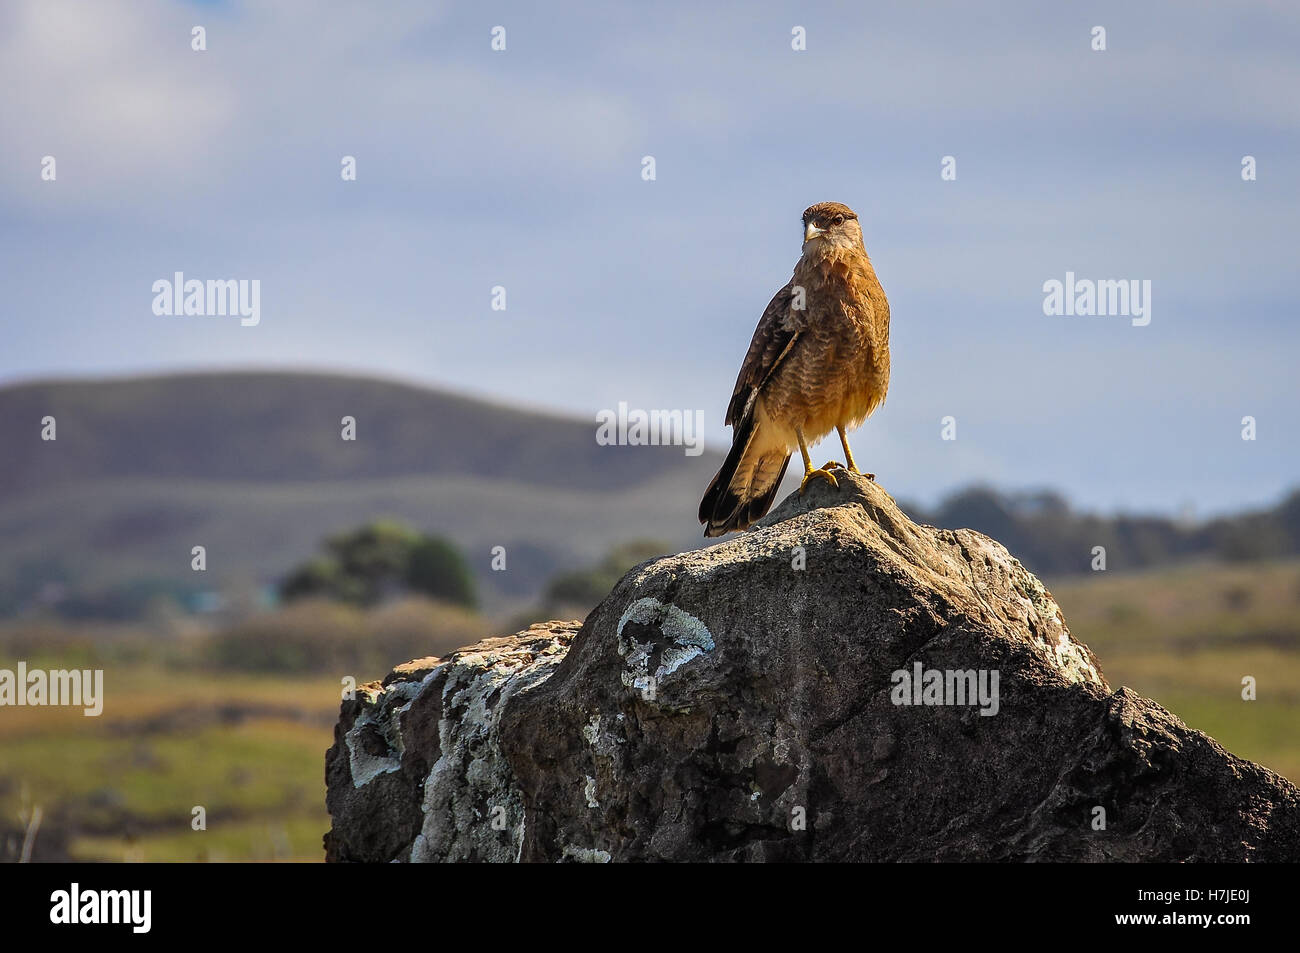 Falcon in attesa sulla costa ruvida dell'isola di pasqua, Cile Immagini Stock